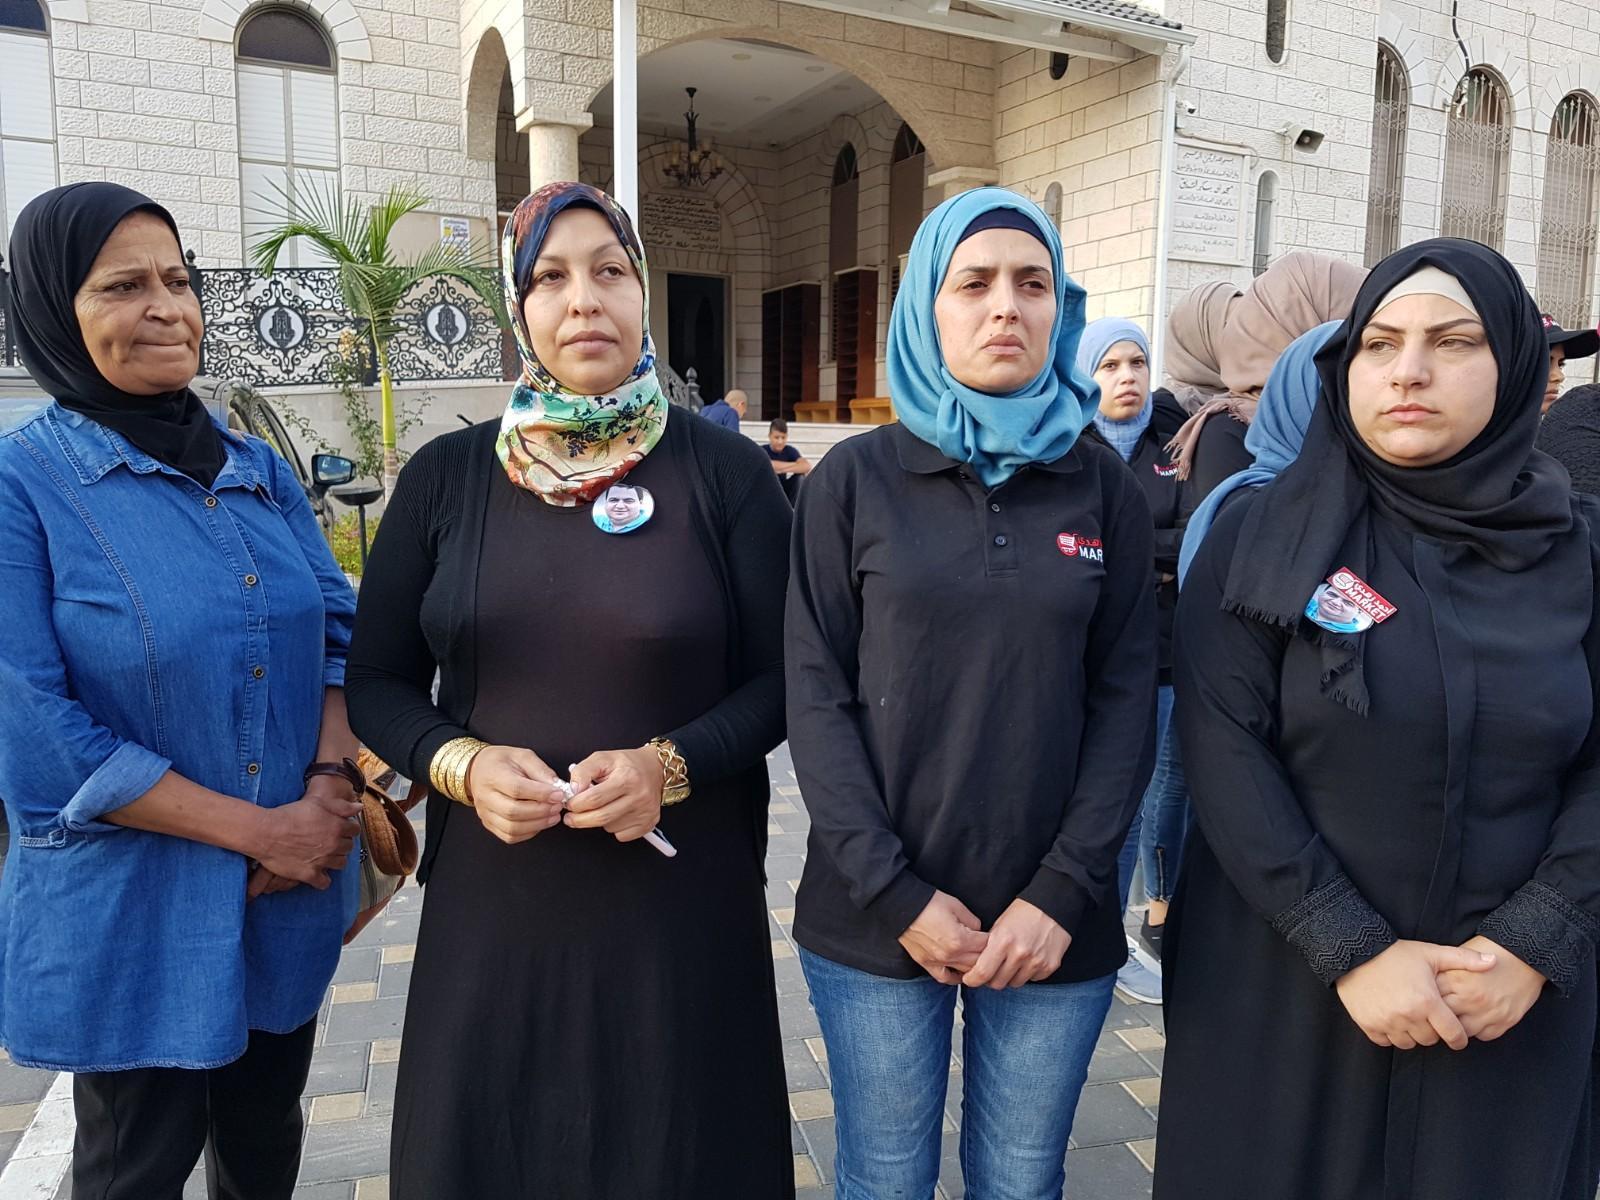 باقة الغربية: وقفة احتجاجية رافضة للعنف والجريمة